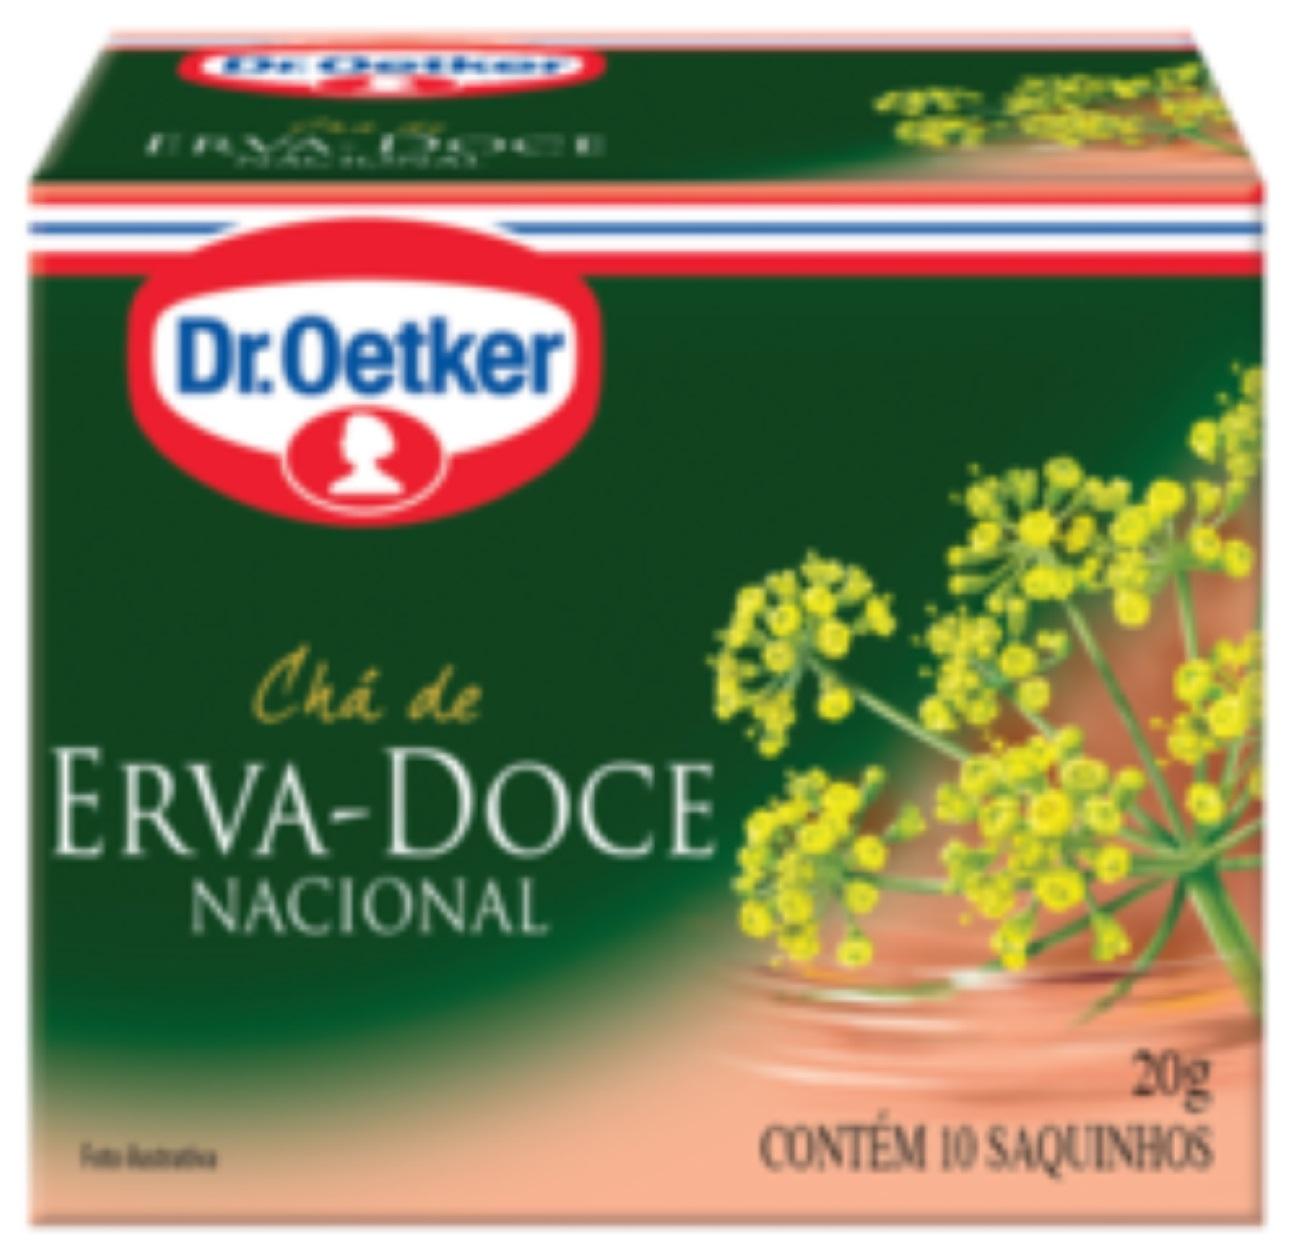 CHÁ DE ERVA DOCE DR. OETKER KIT COM 4 CAIXAS.